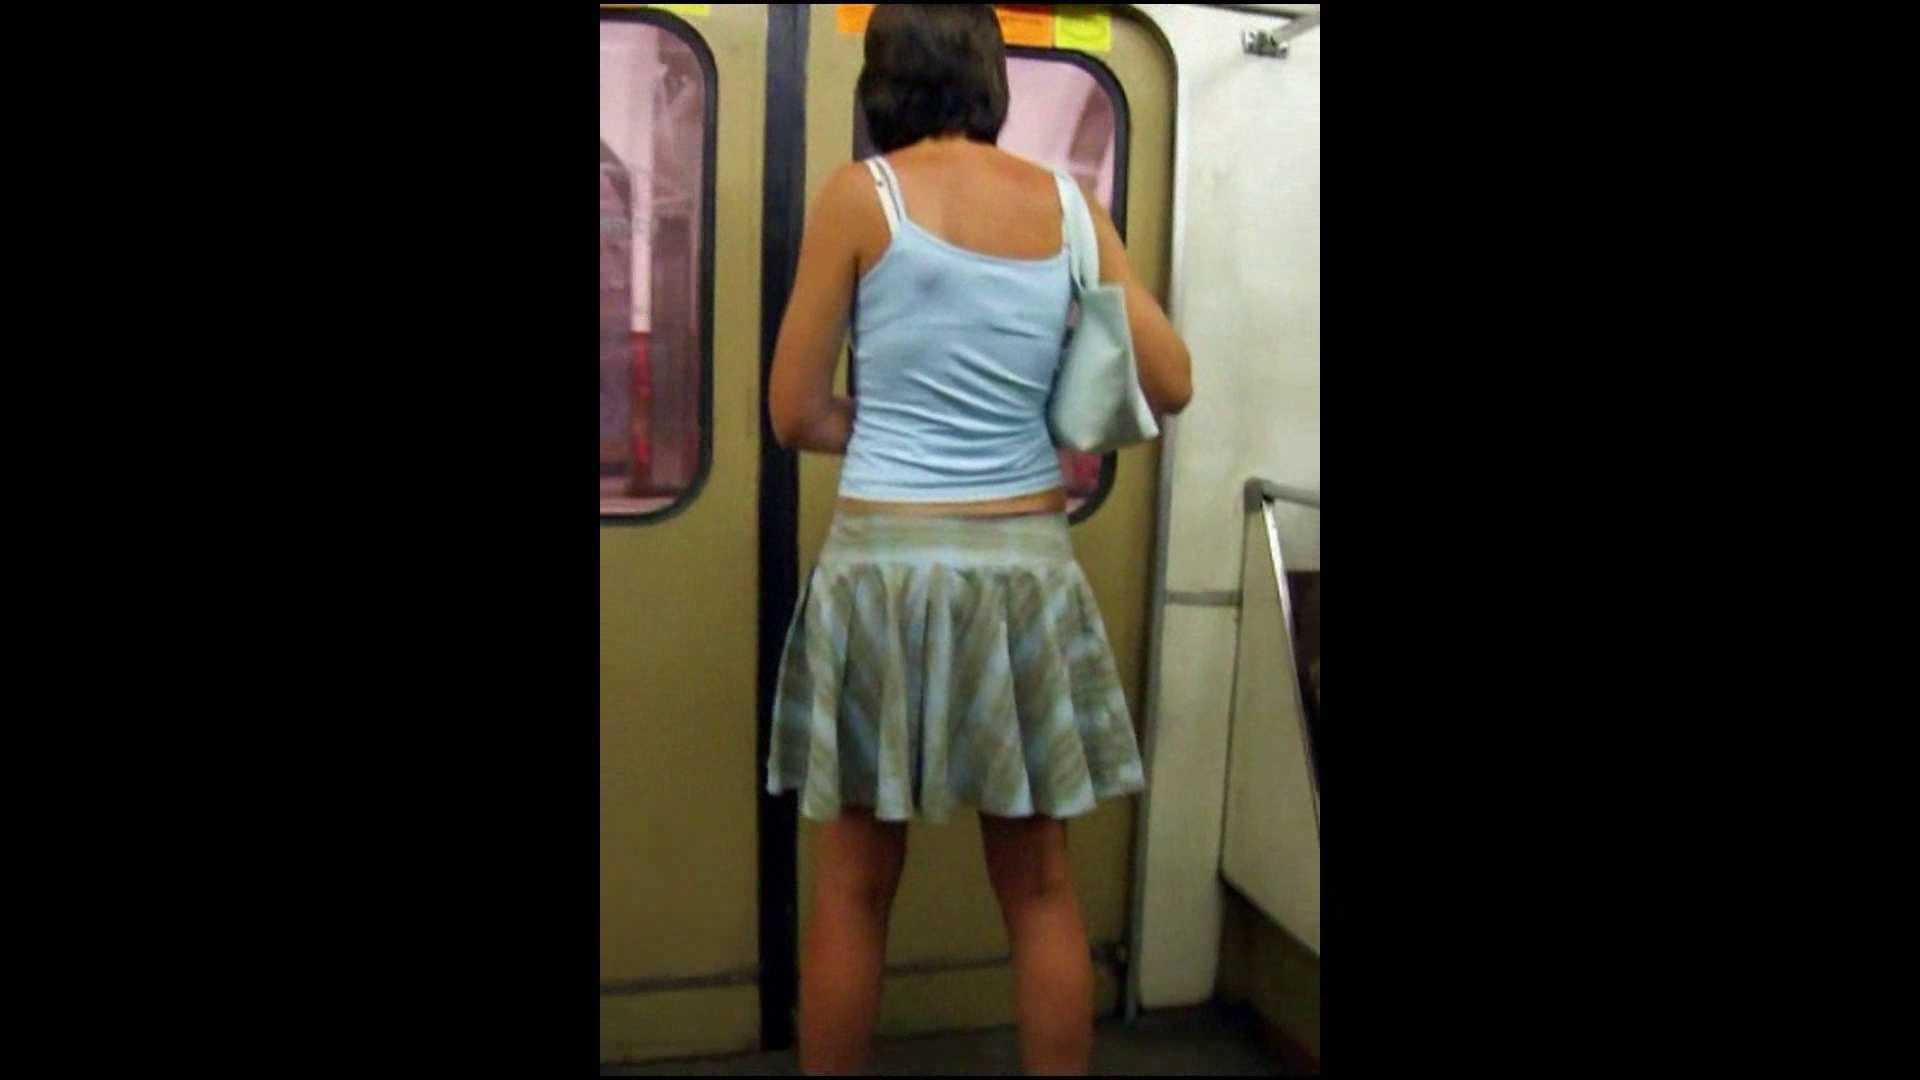 綺麗なモデルさんのスカート捲っちゃおう‼vol04 モデル スケベ動画紹介 82pic 68